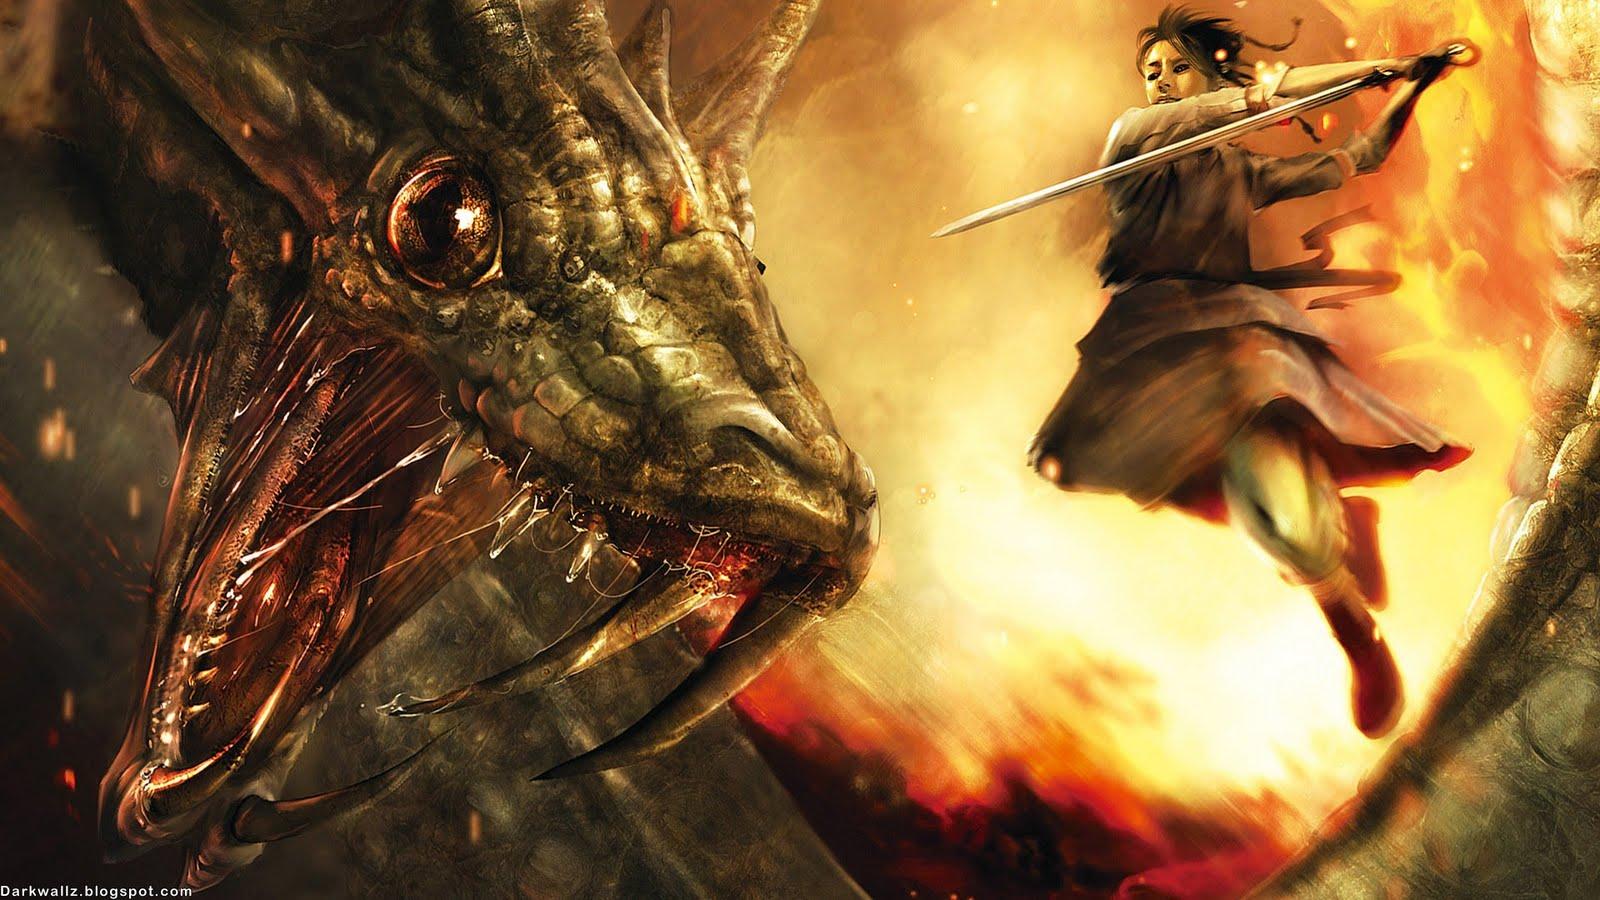 Dark Dragons Wallpapers 74 | Dark Wallpaper Download